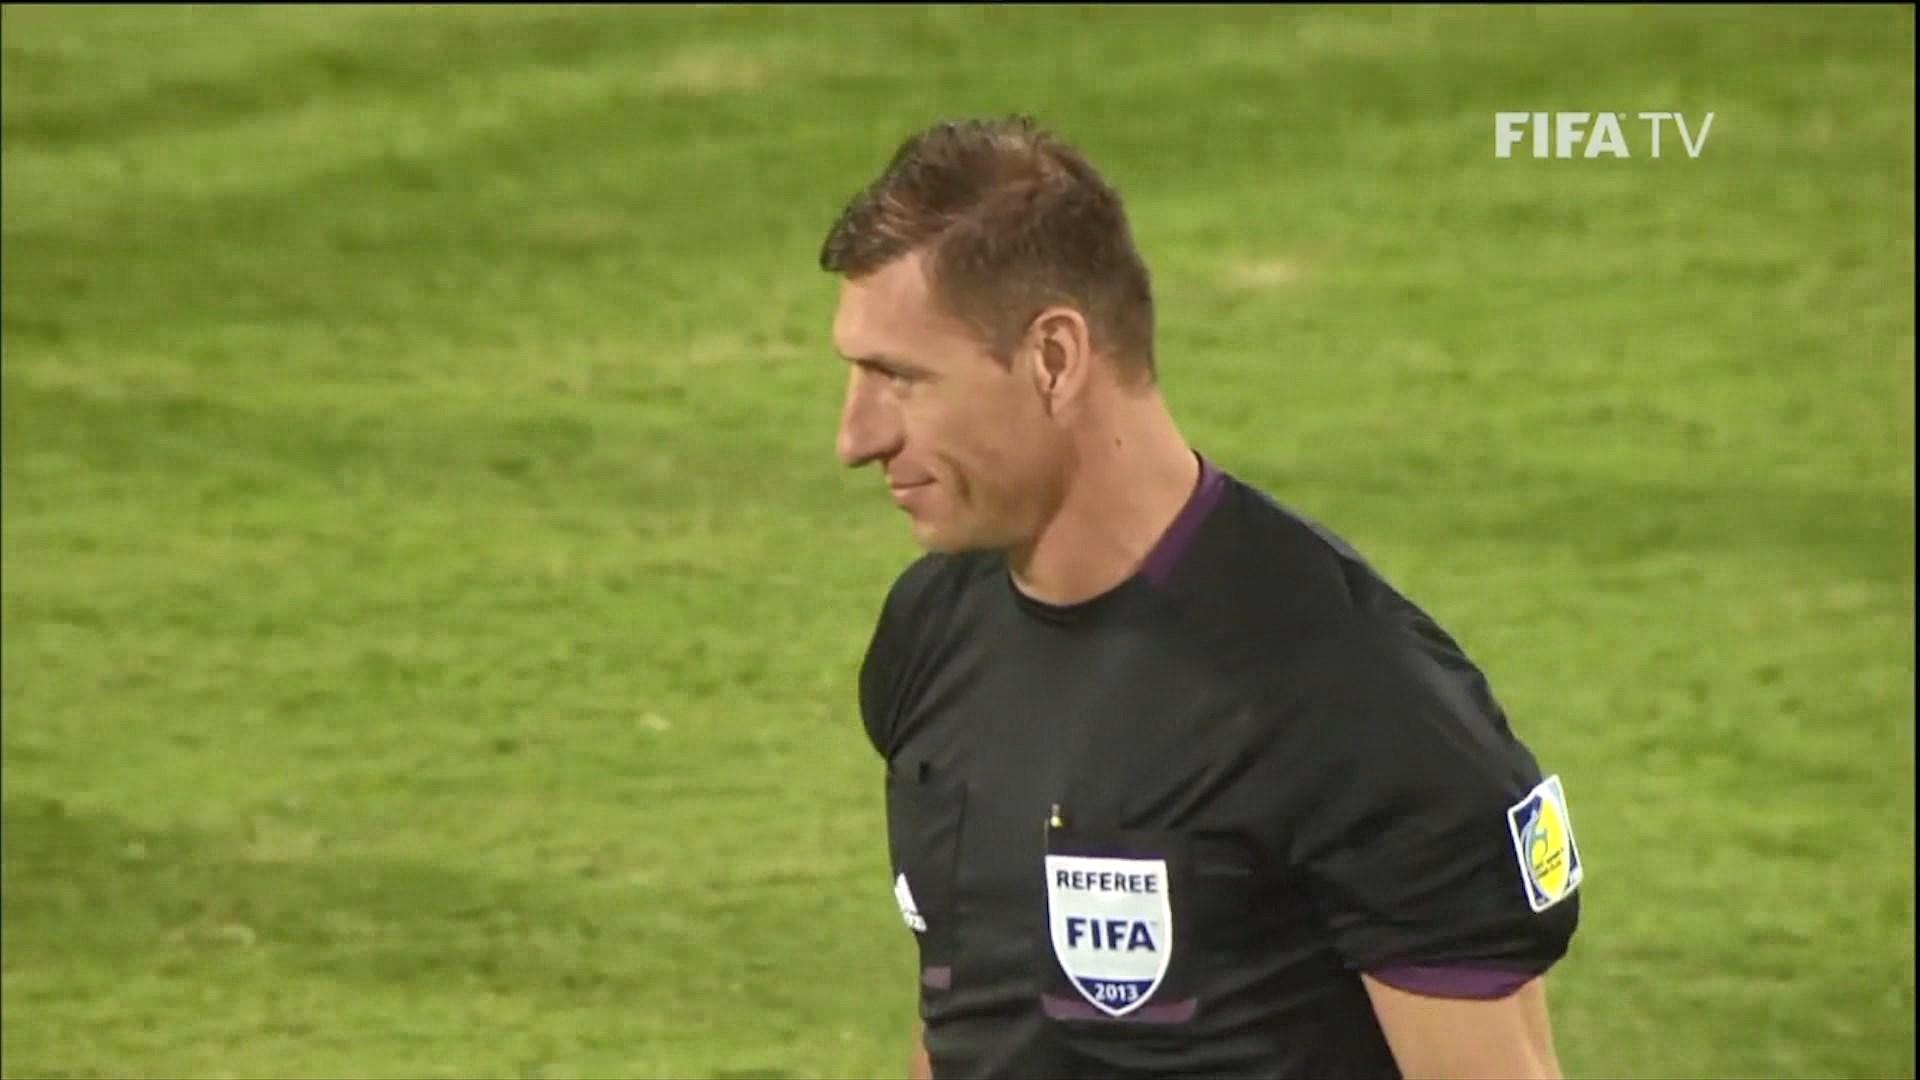 Arbitri i ndeshjes Uruguai – Francë është argjentinas/ Rastësi apo gafë e FIFA?!